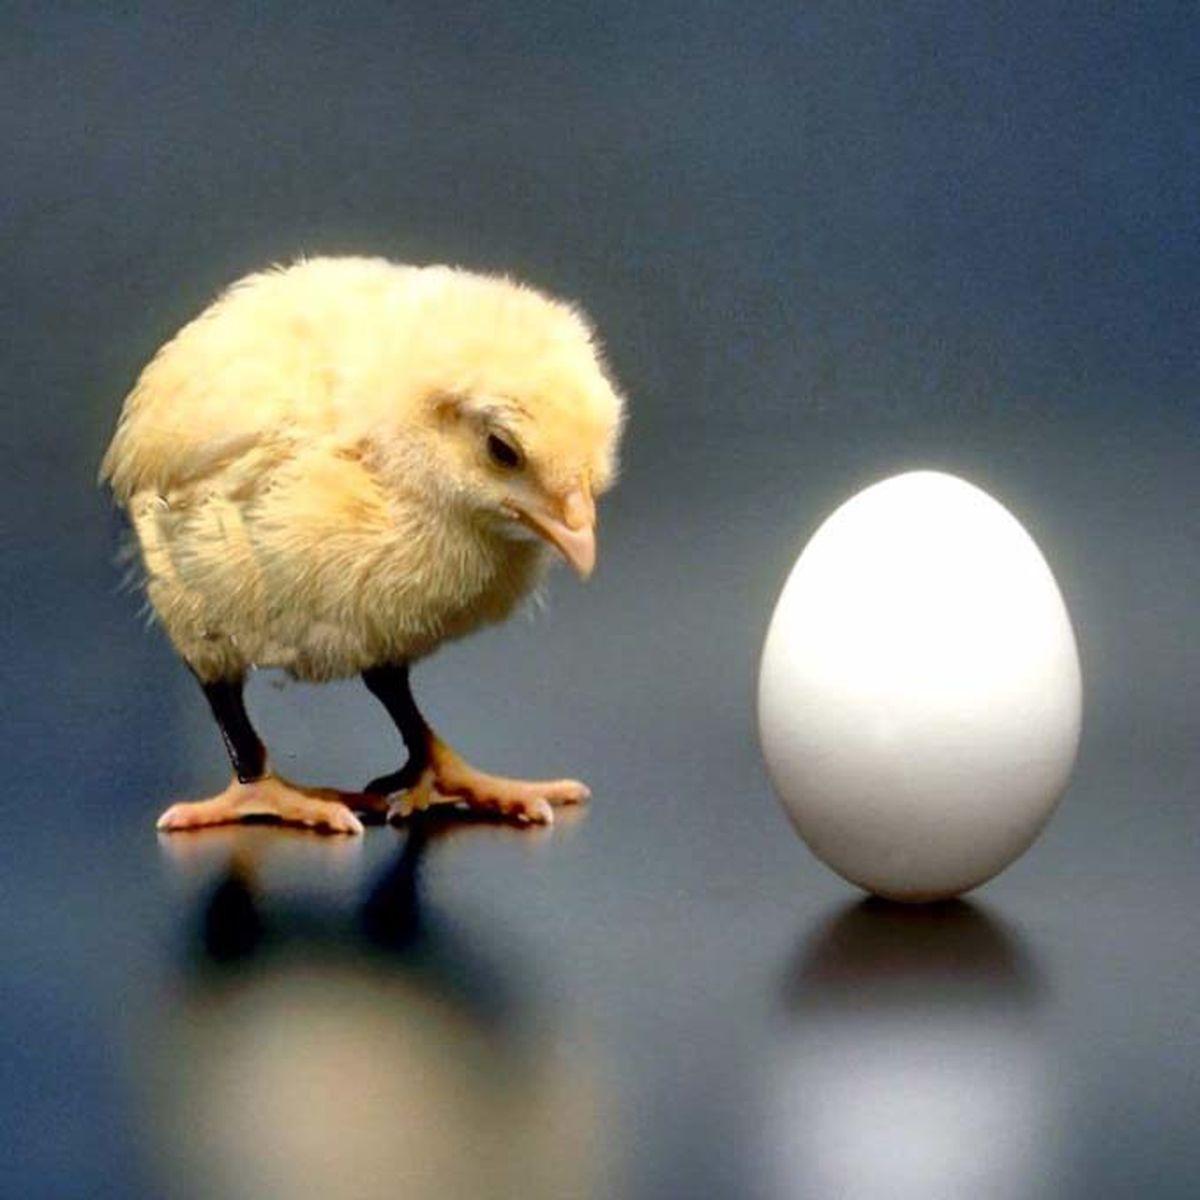 """جواب علمی به سوال""""اول مرغ بود یا تخم مرغ؟"""